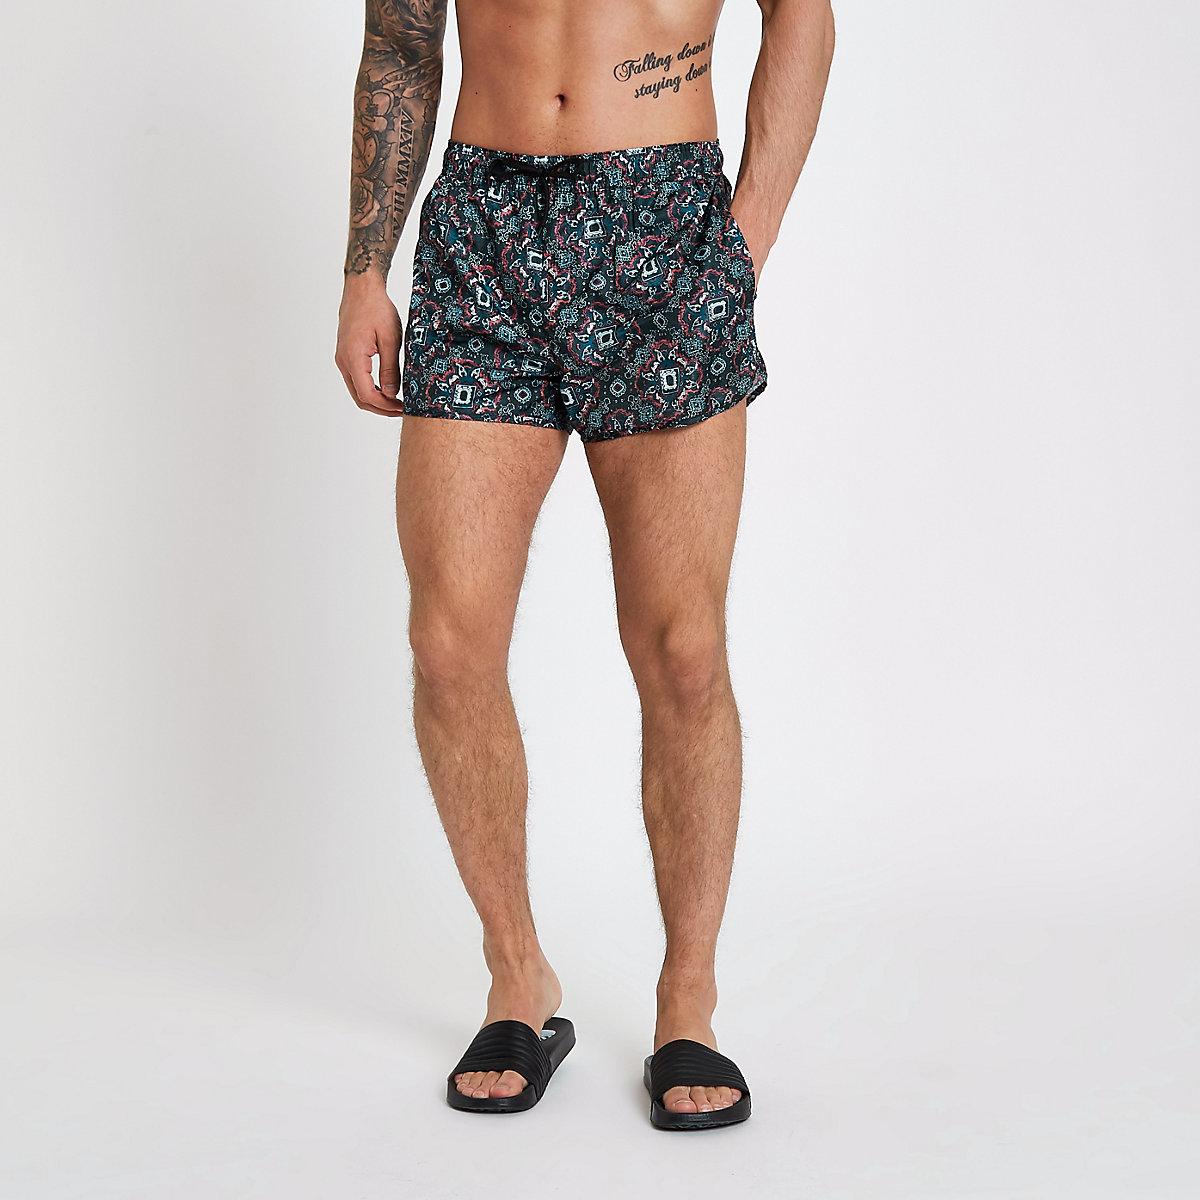 Green tapestry print short swim trunks